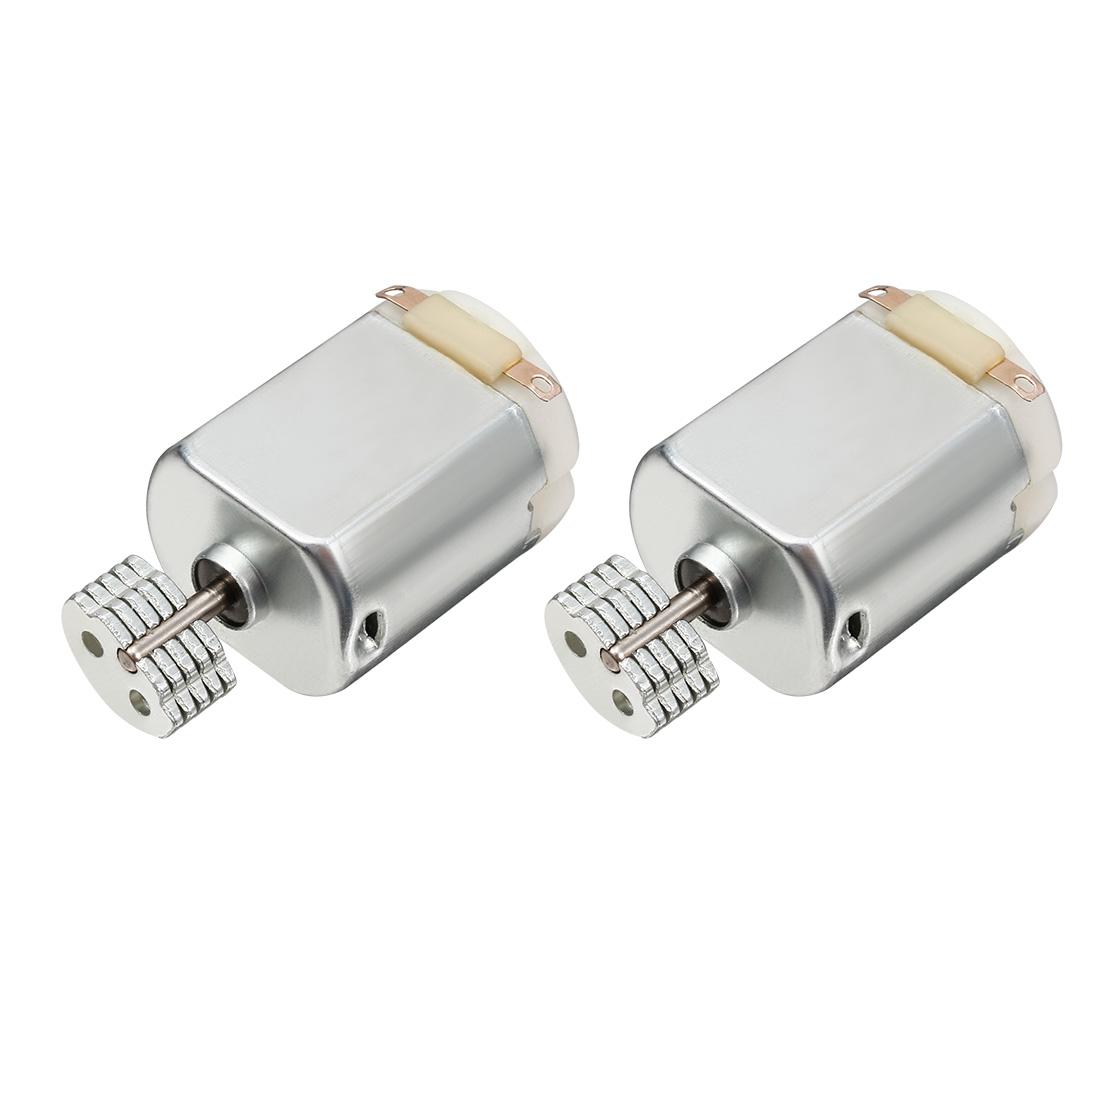 2 Pcs DC 1.5-4.5V 18000RPM Vibration Electric Micro Mini Motor for Massager